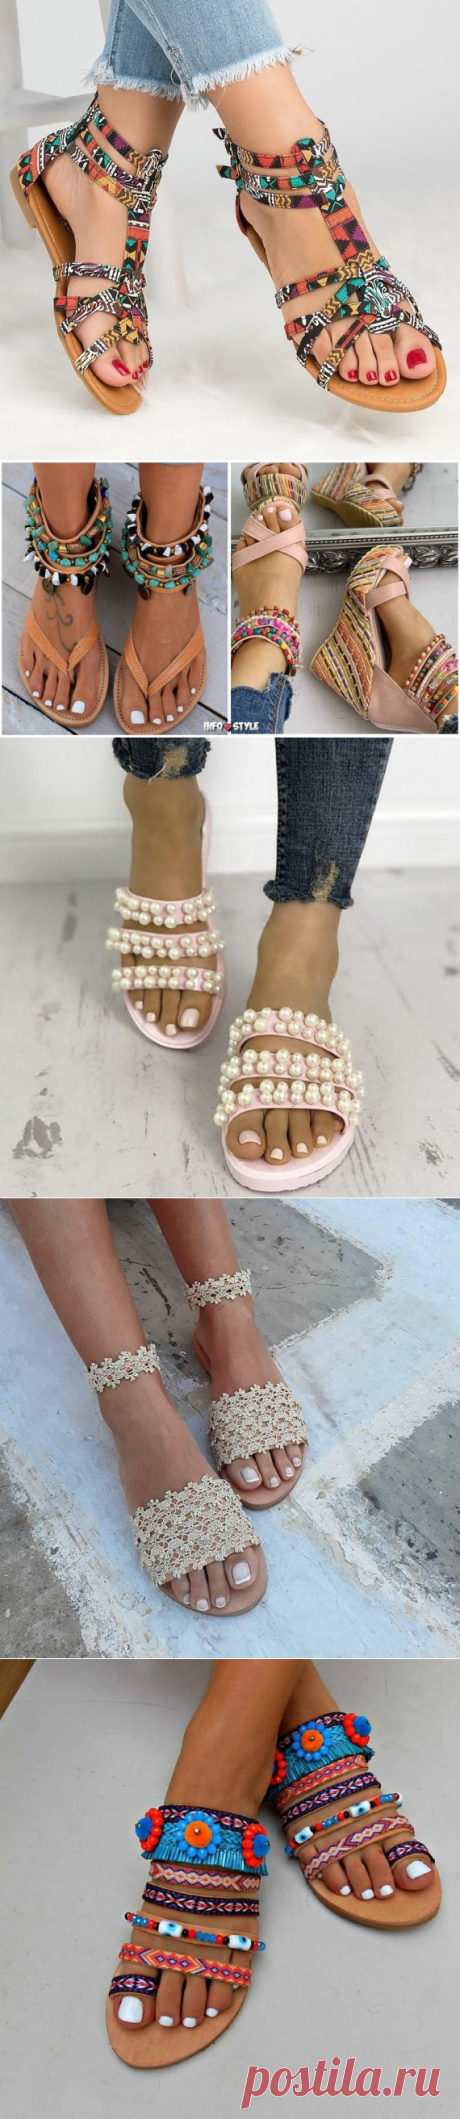 БОХО-шик на ваших ножках: стильные босоножки на лето 2020   Новости моды